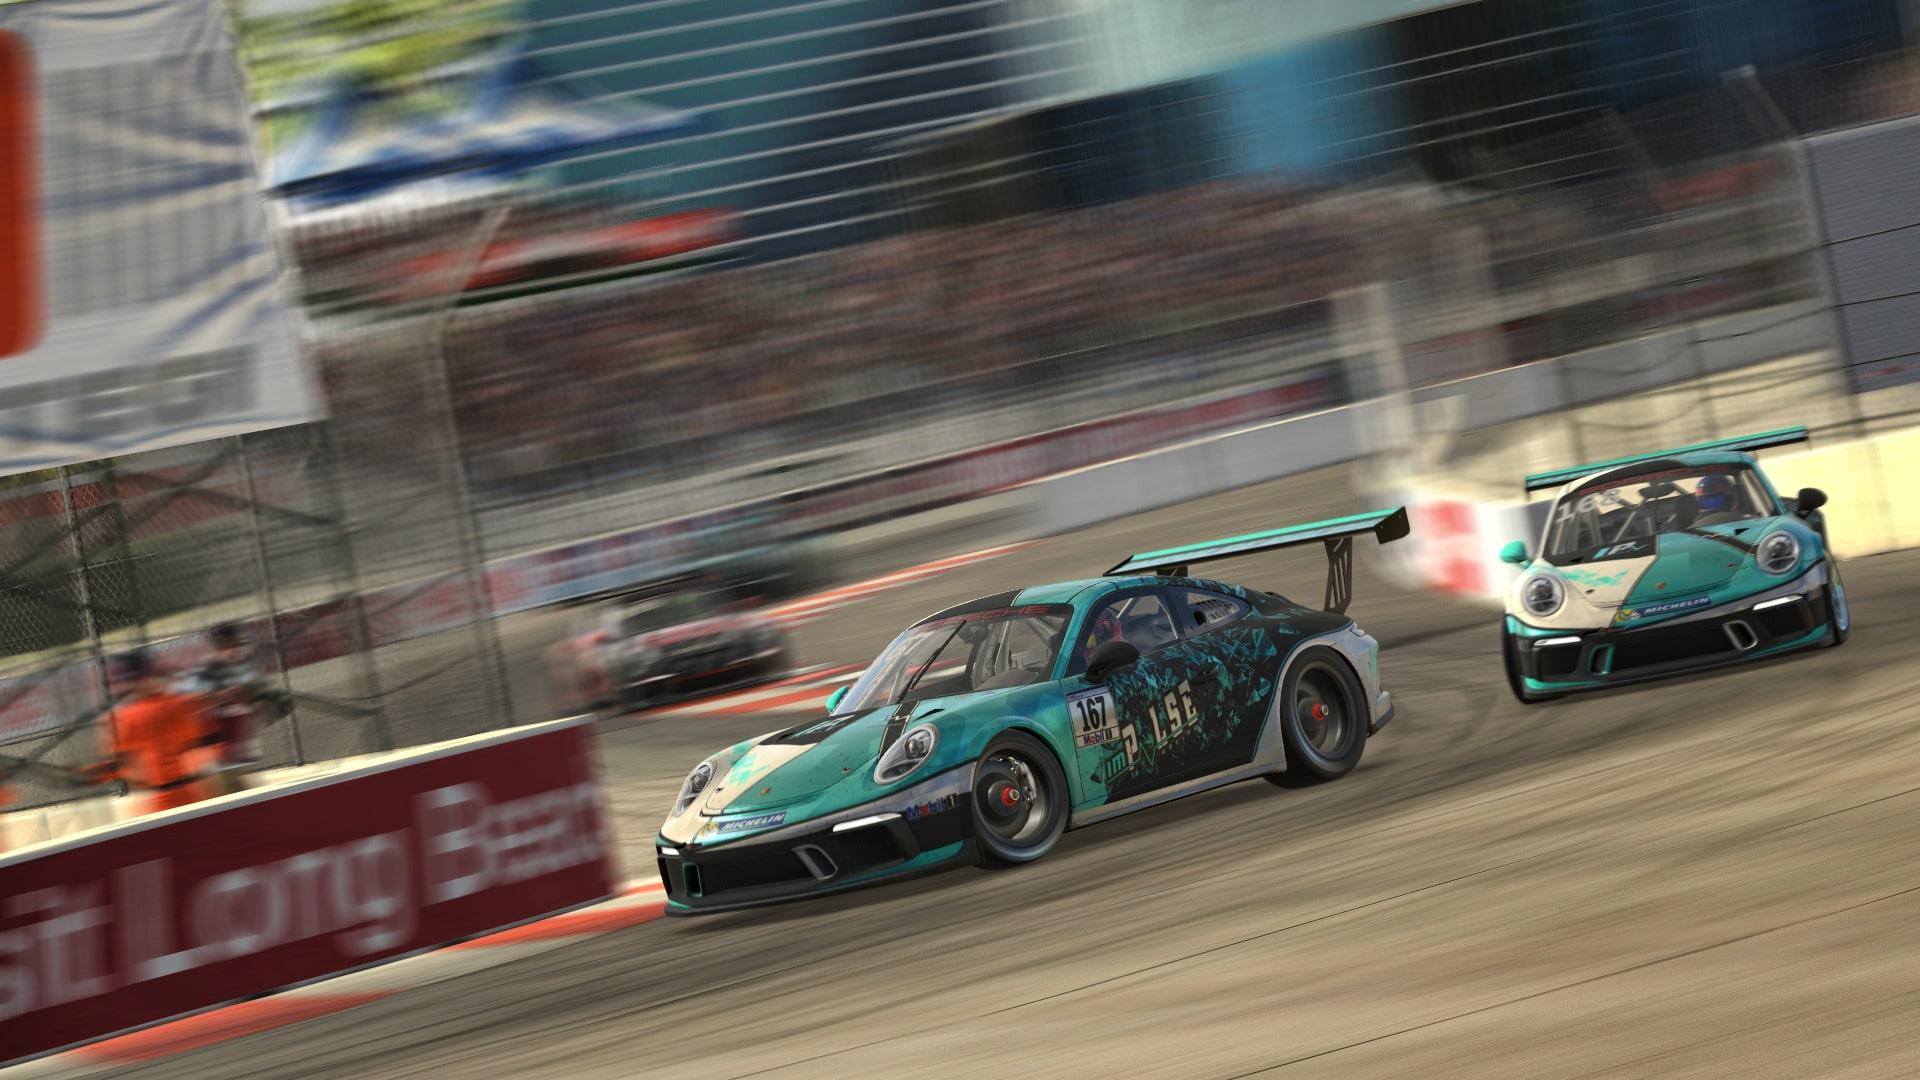 Pascal in Long Beach Porsche Cup